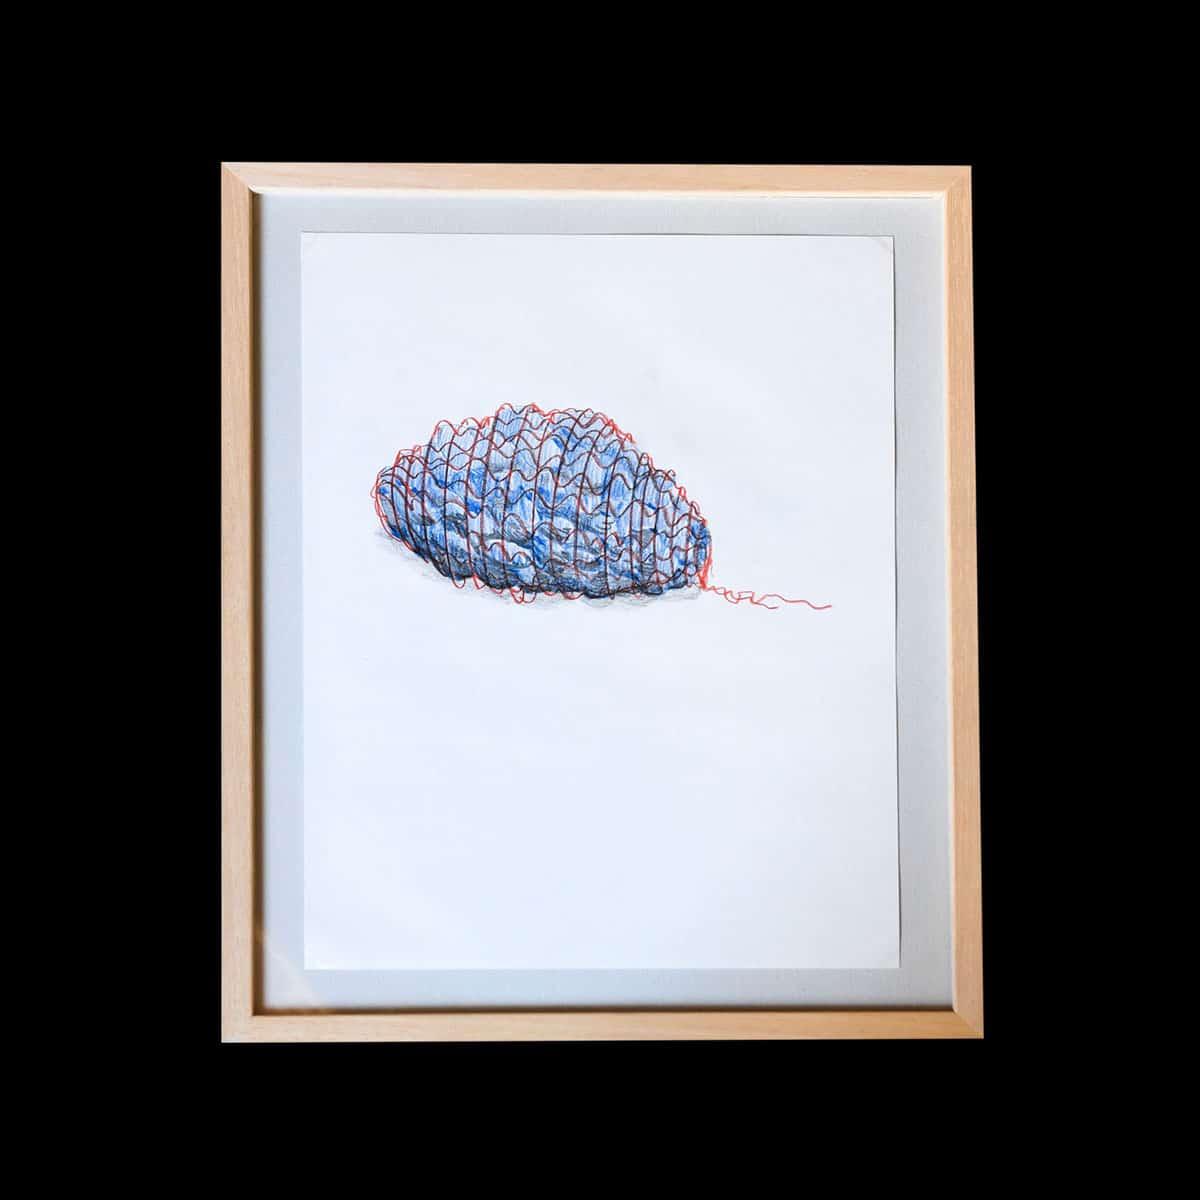 Simon Jacquard, Sans titre (filet) 2015. Dessin sur papier 36 x 27 cm